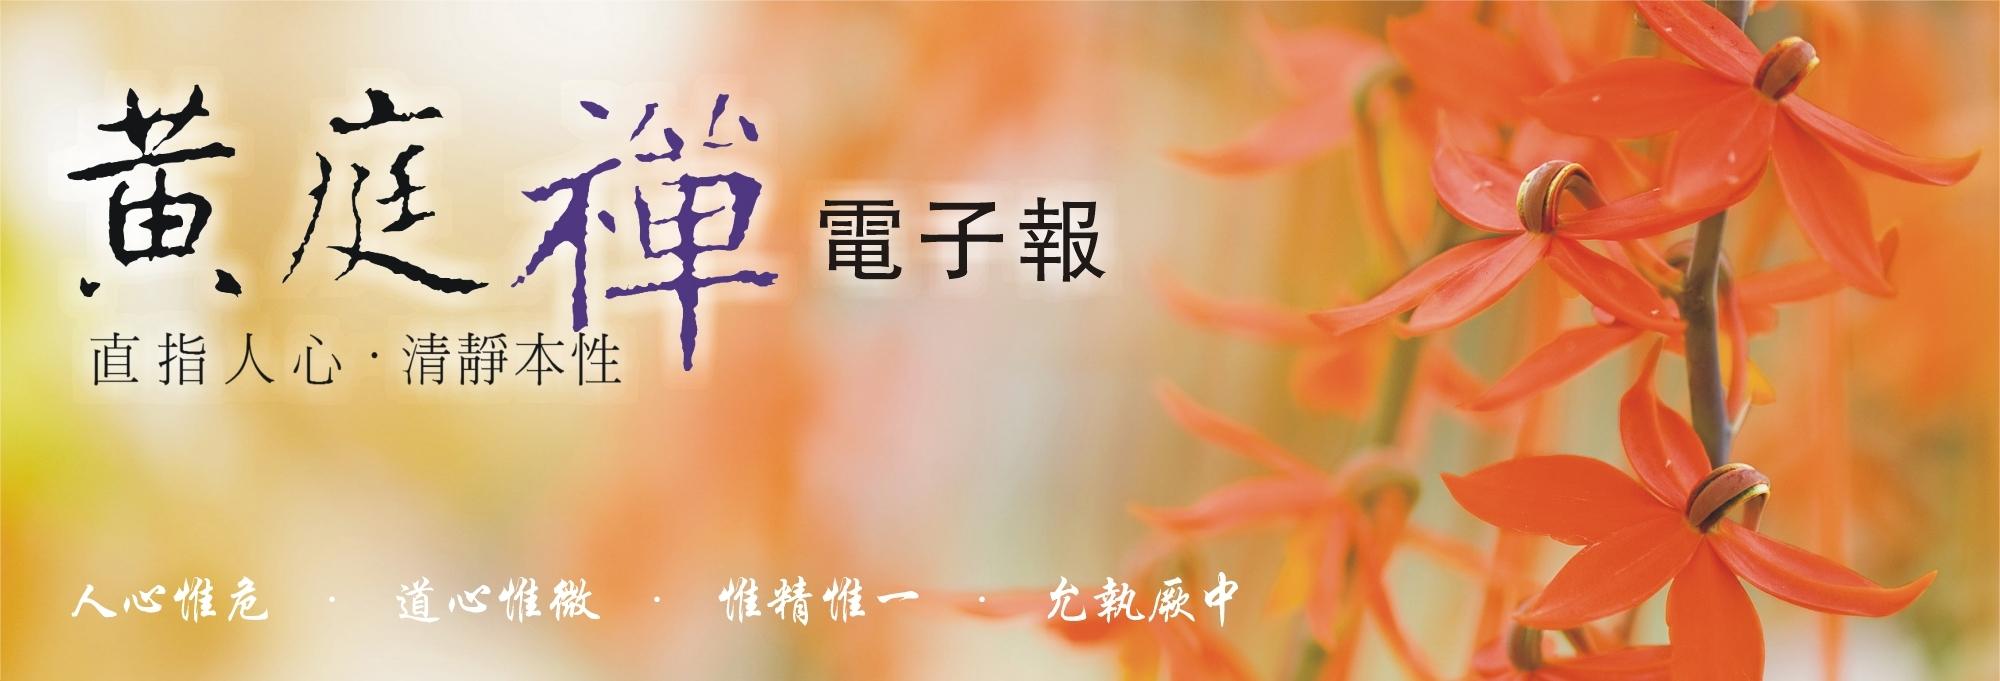 中華黃庭禪學會2016.11.11電子報